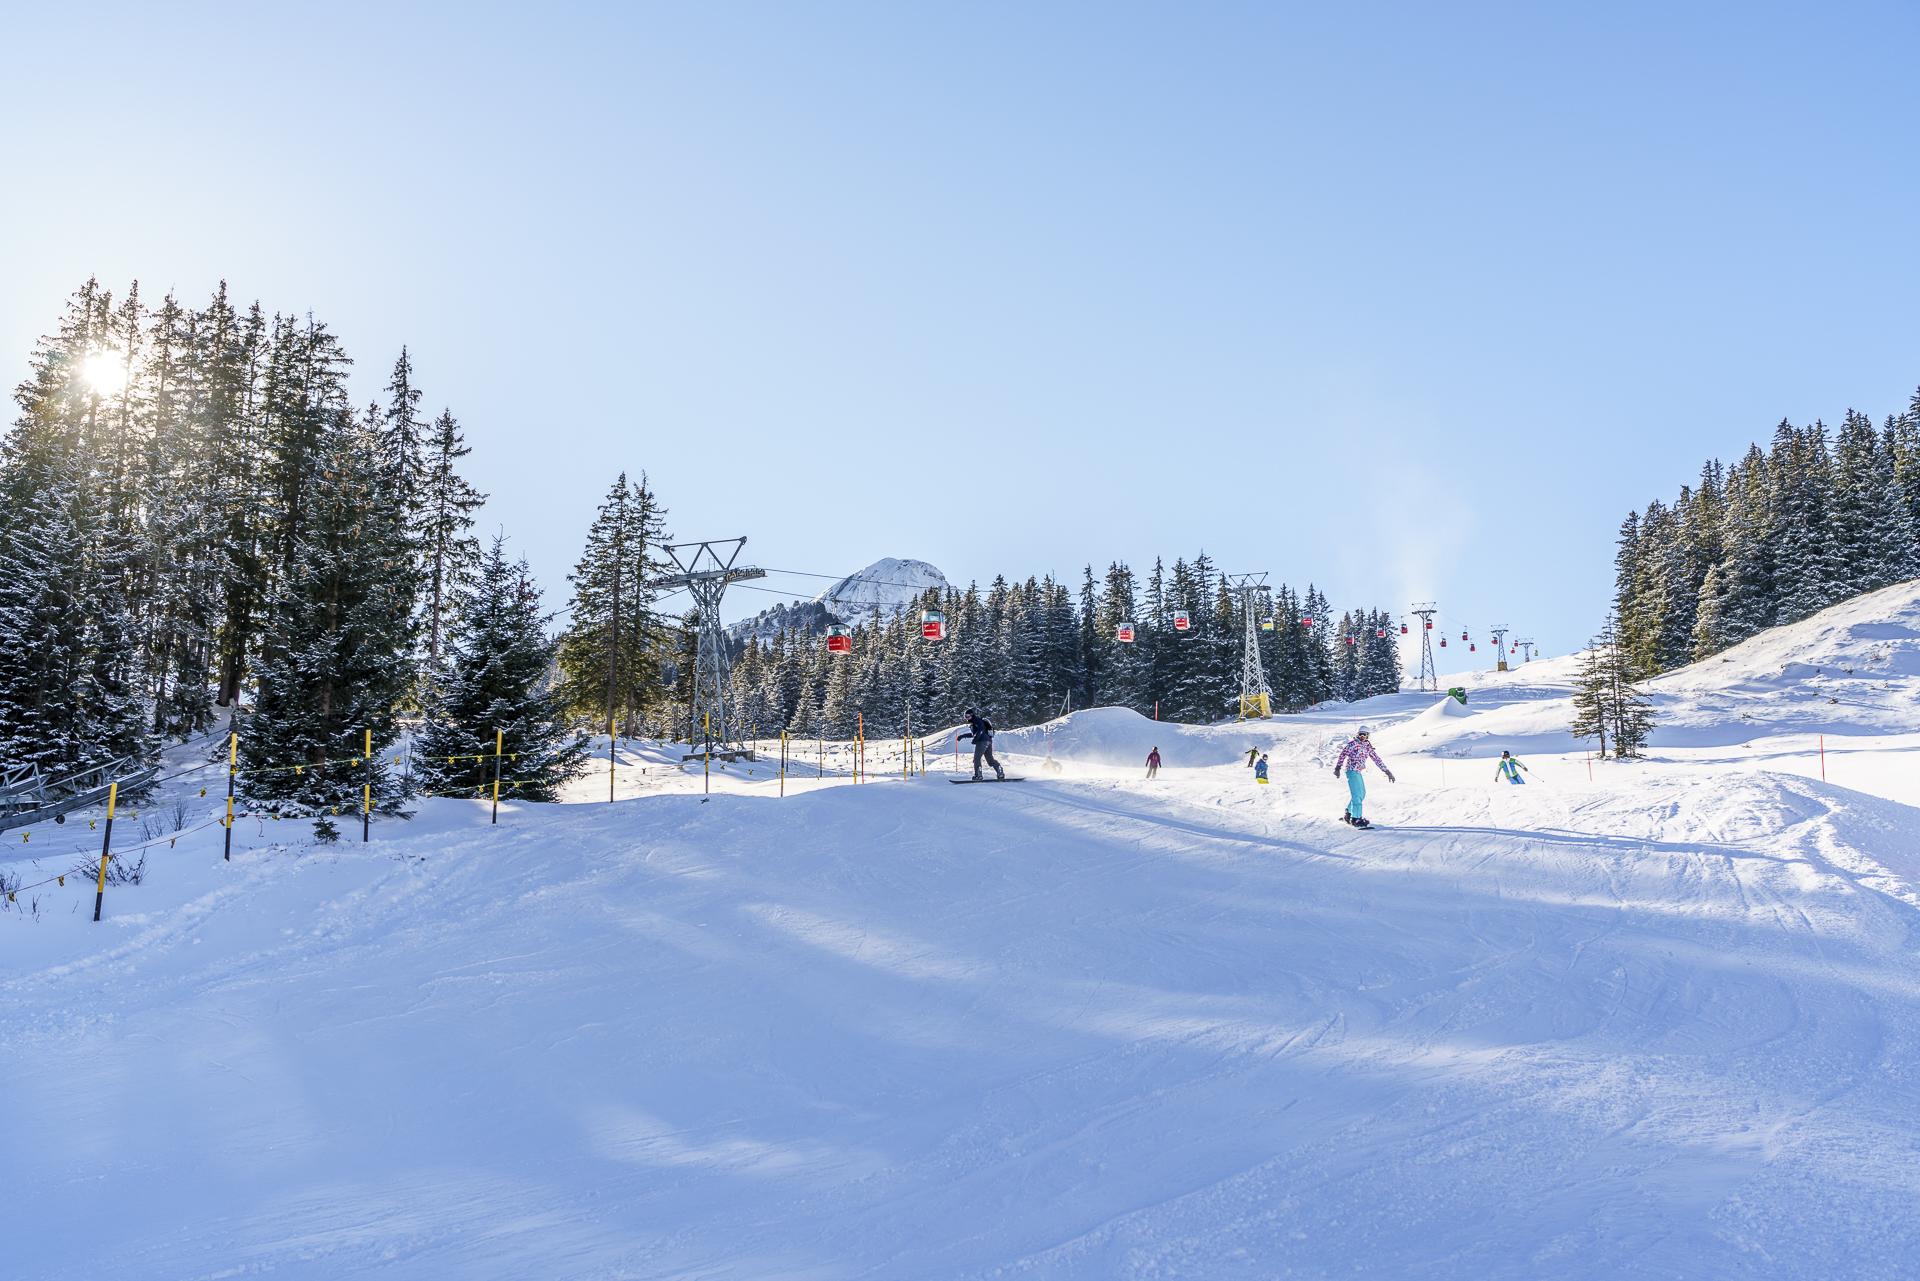 Skigebiet Maennlichen Kleine Scheidegg